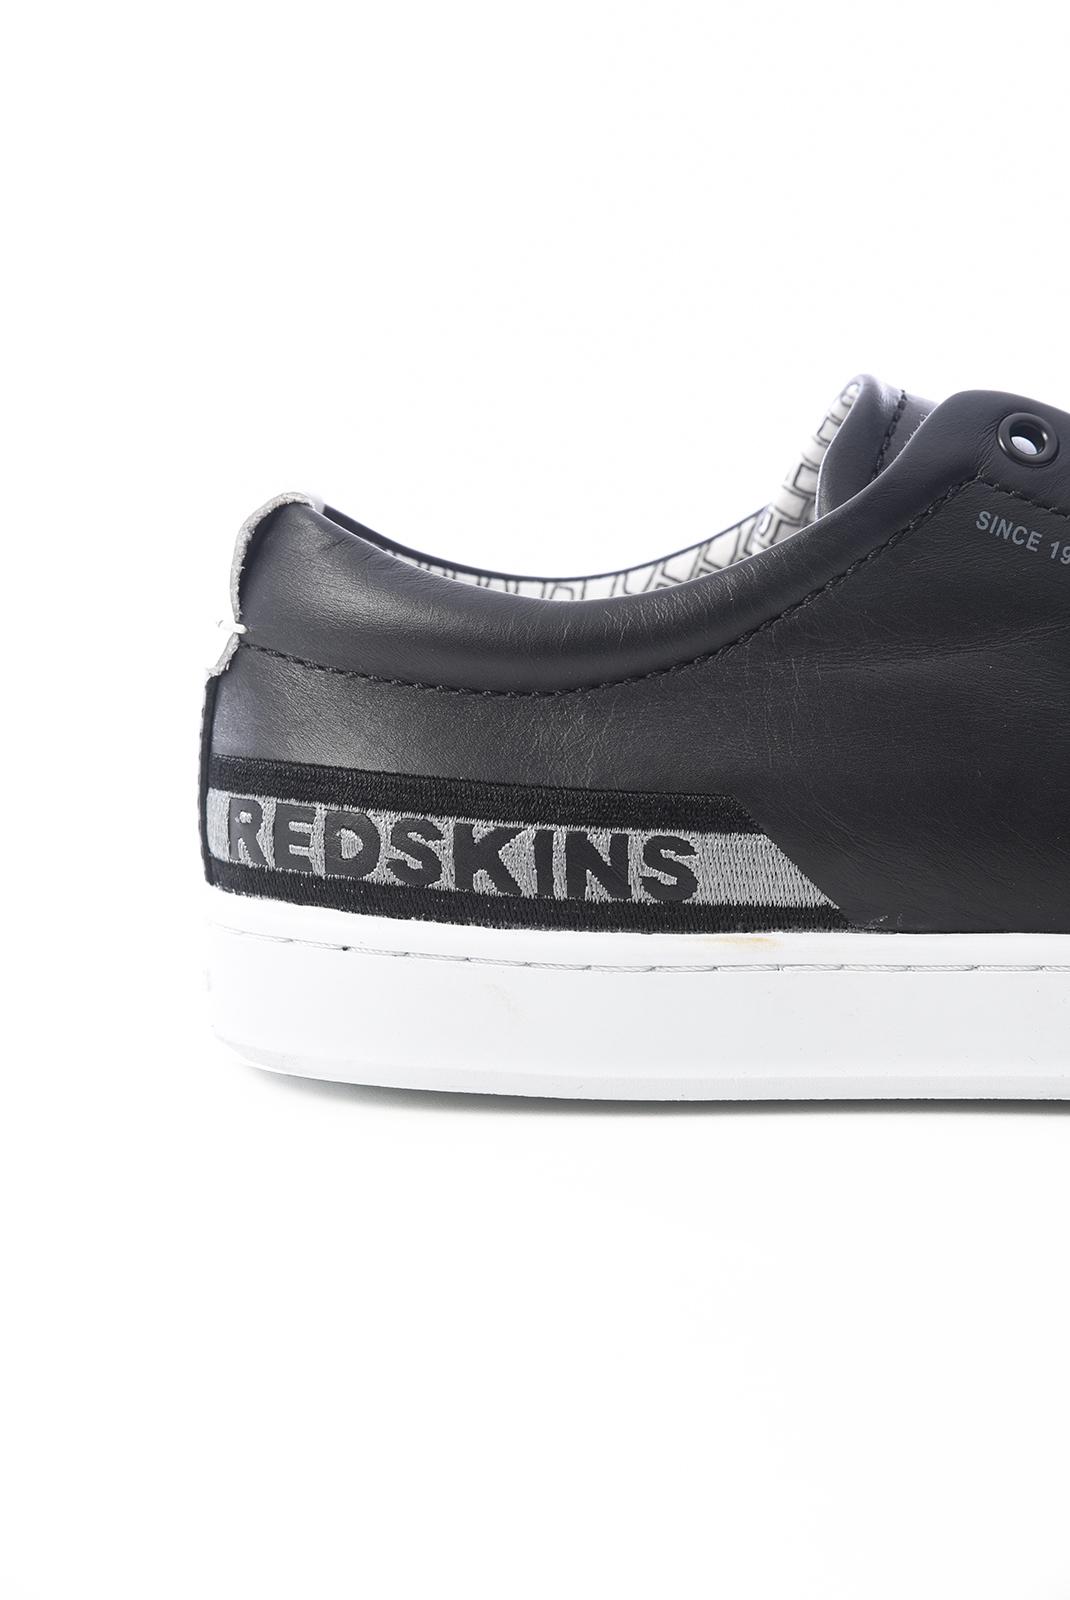 Chaussures   Redskins OTOR NOIR